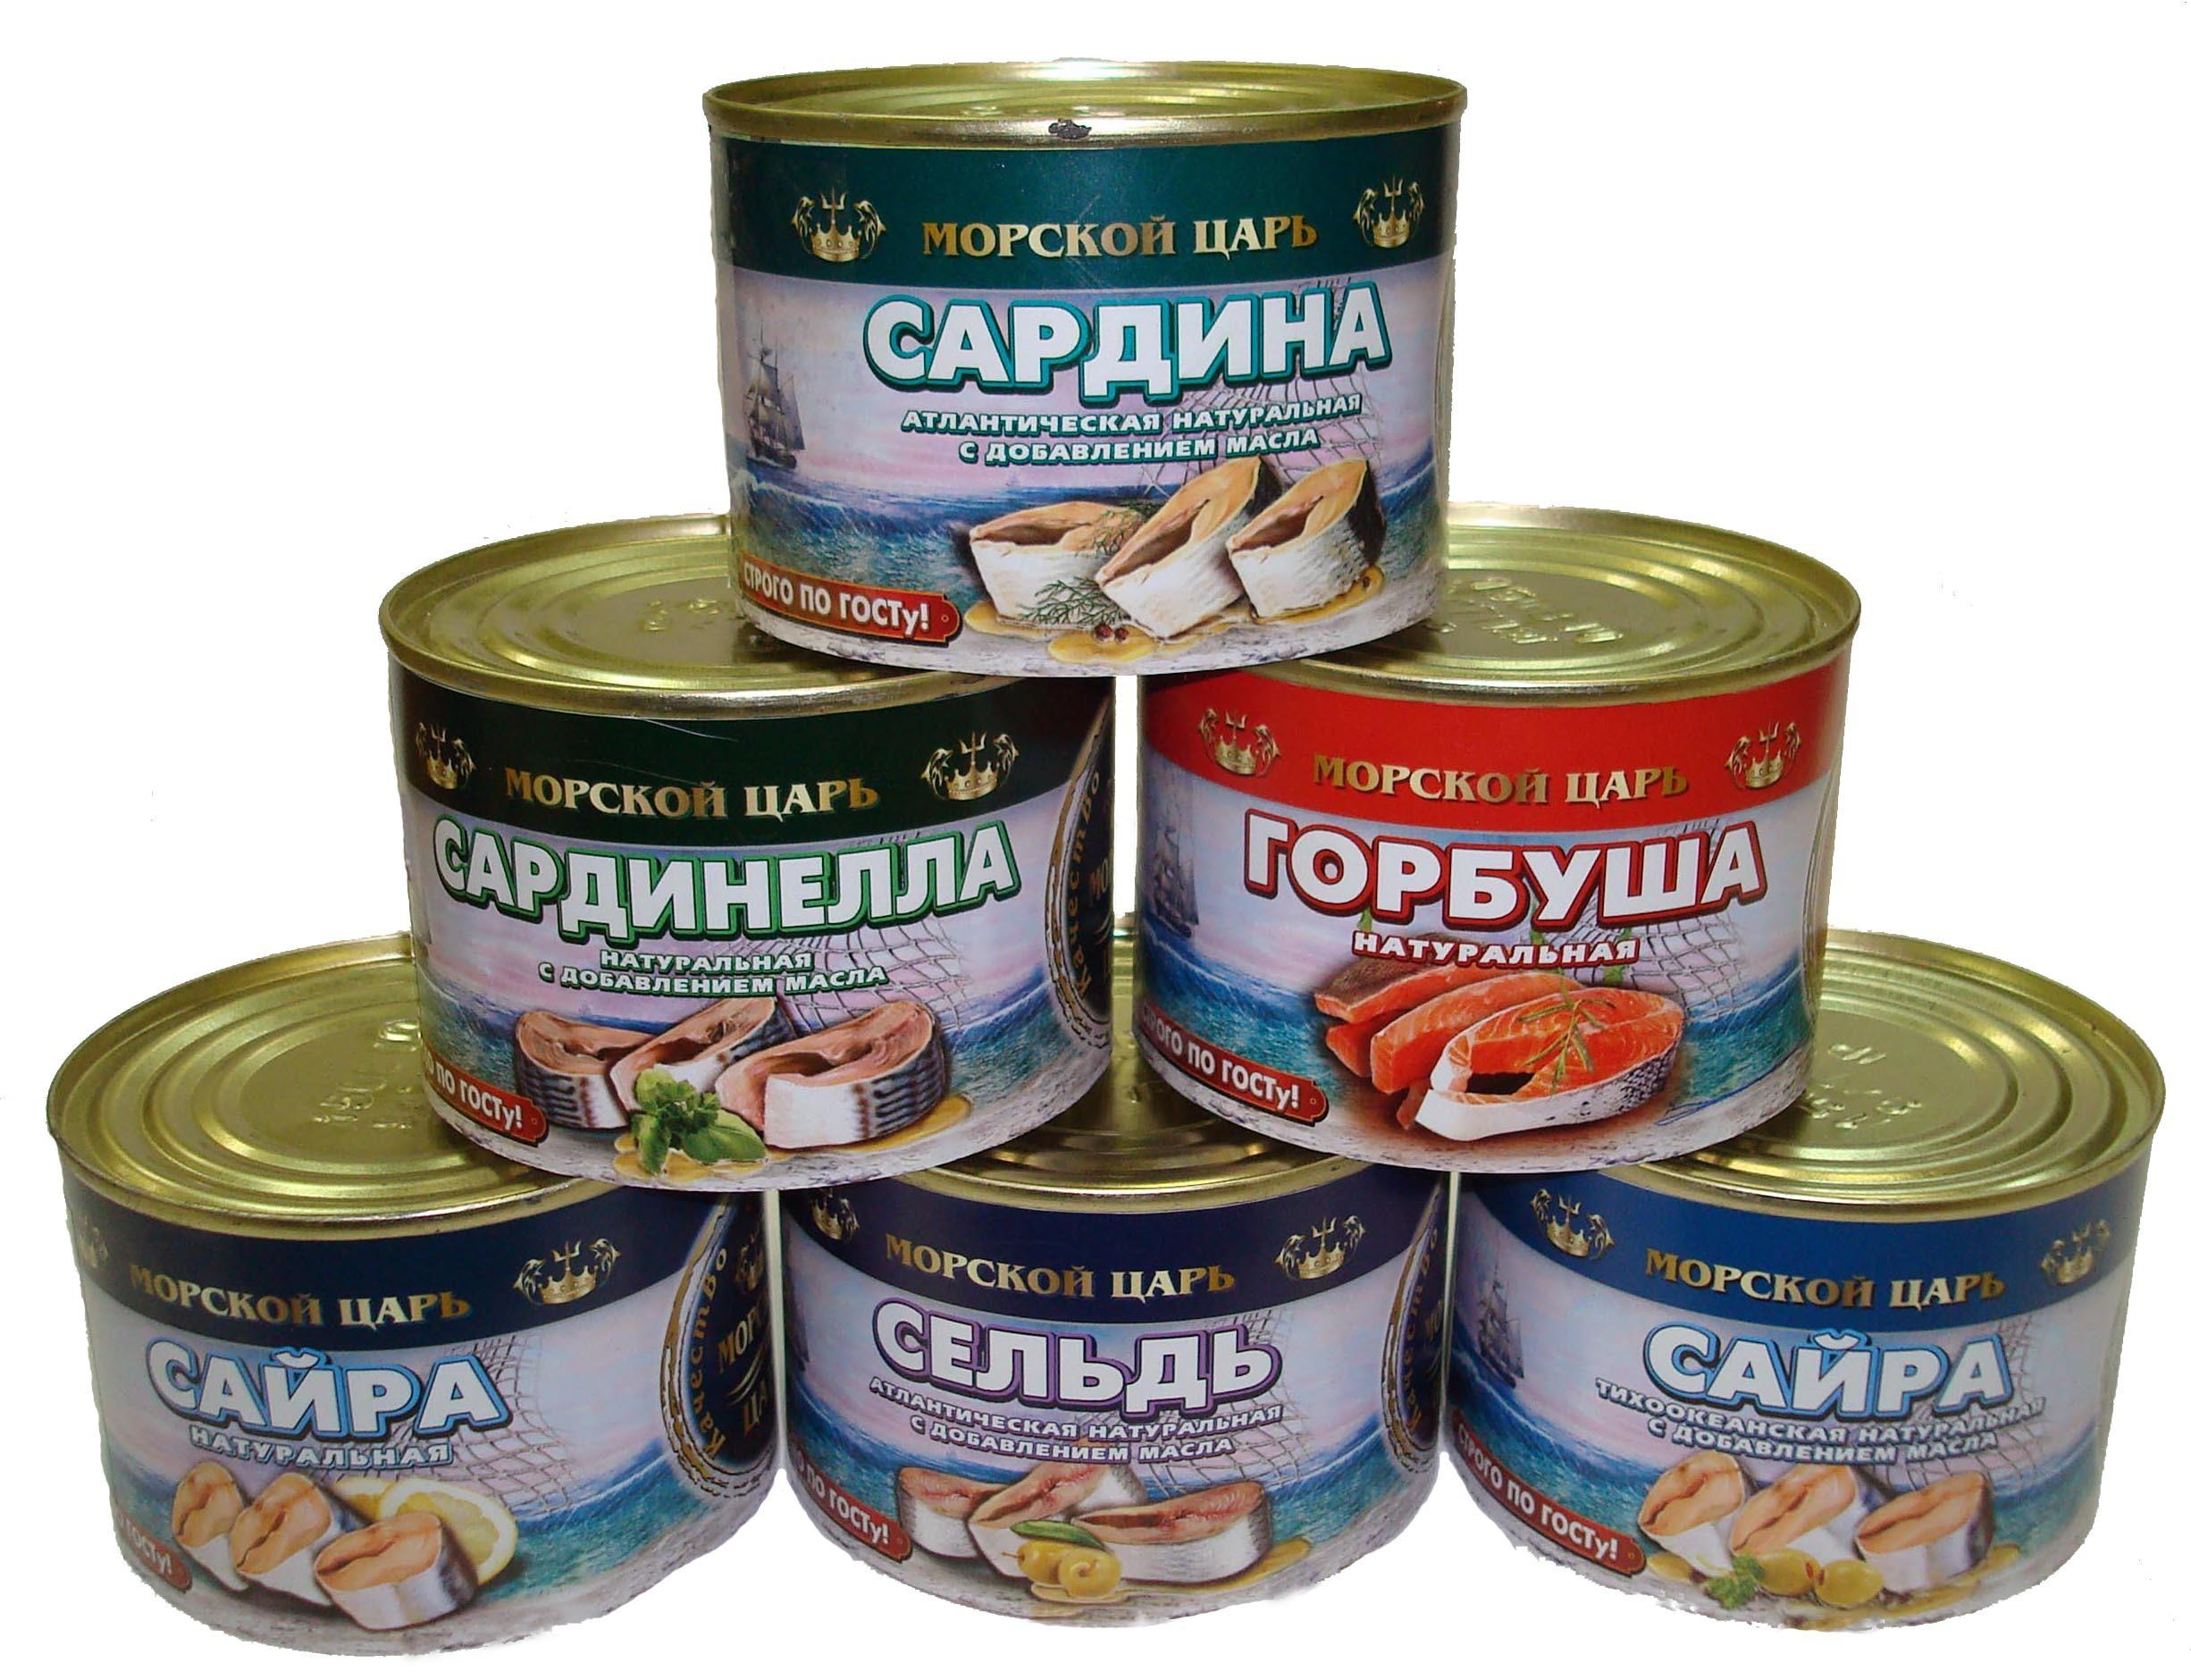 Картинки консервов рыбных